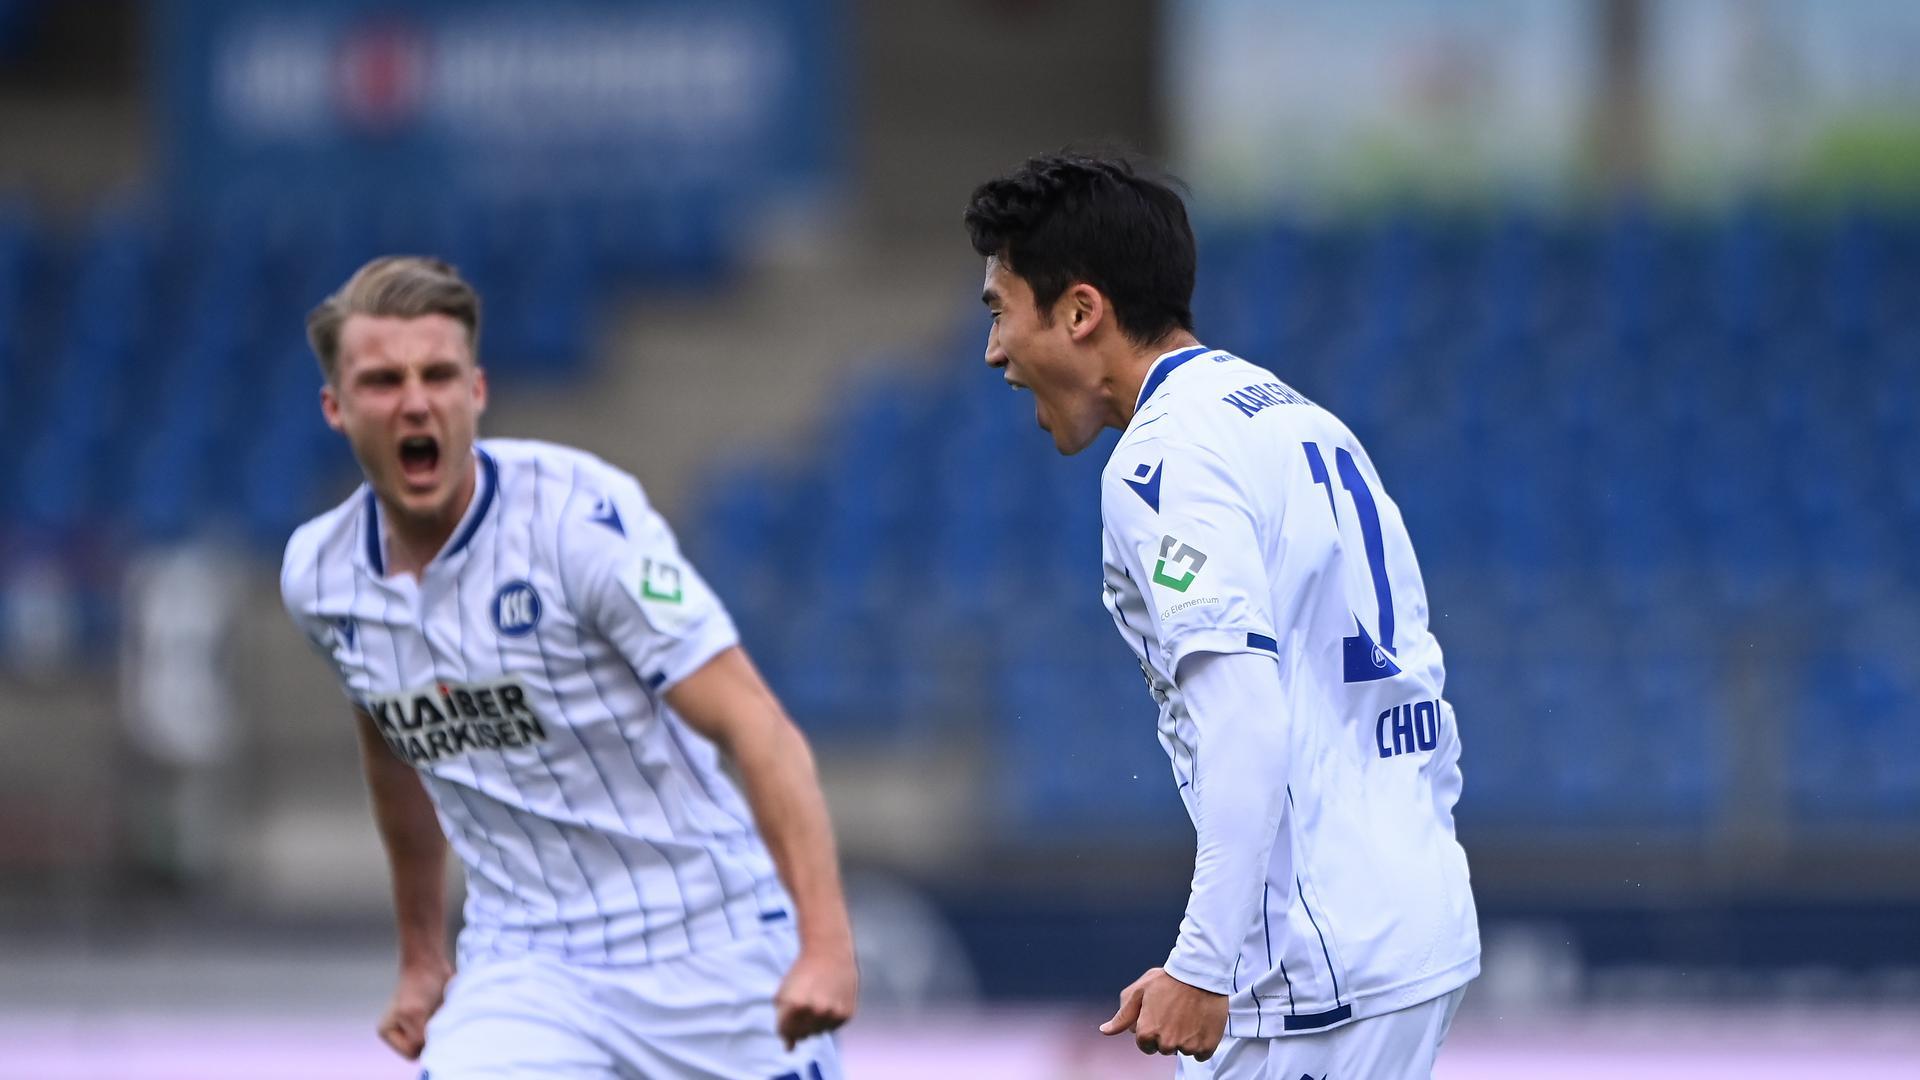 Torjubel nach dem 1:0 für den Karlsruher SC in Braunschweig: Marco Thiede (links) und Torschuetze Kyong-Rok Choi.